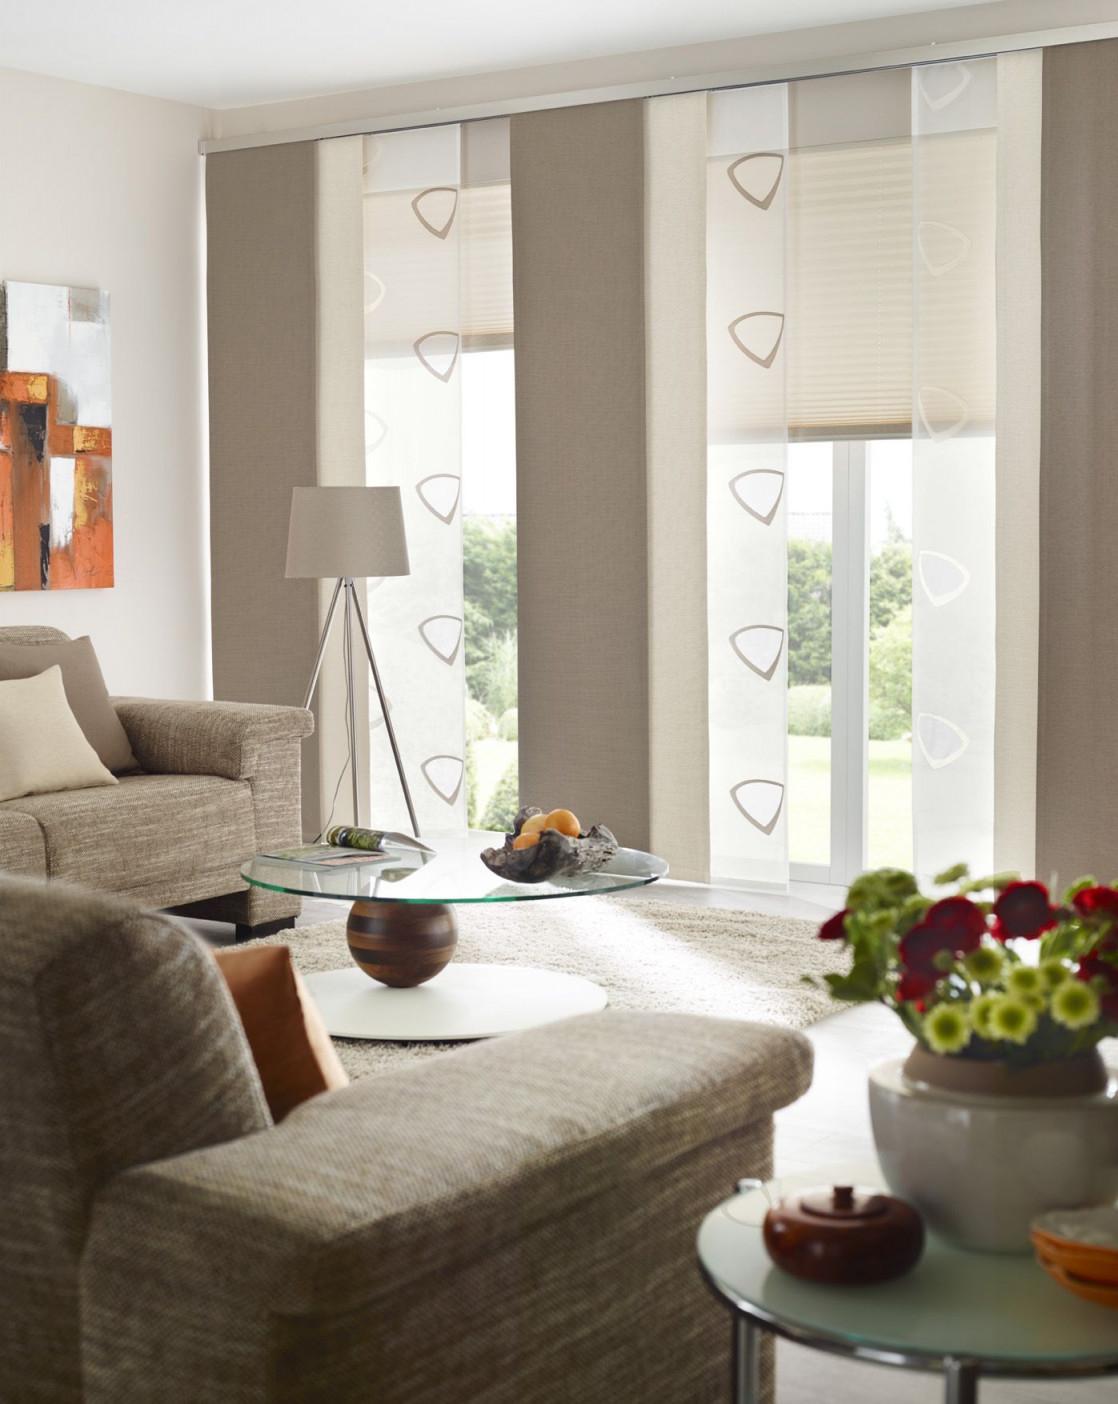 Fenster Urbansteel Gardinen Dekostoffe Vorhang von Gardinen Für Wohnzimmer Ideen Bild